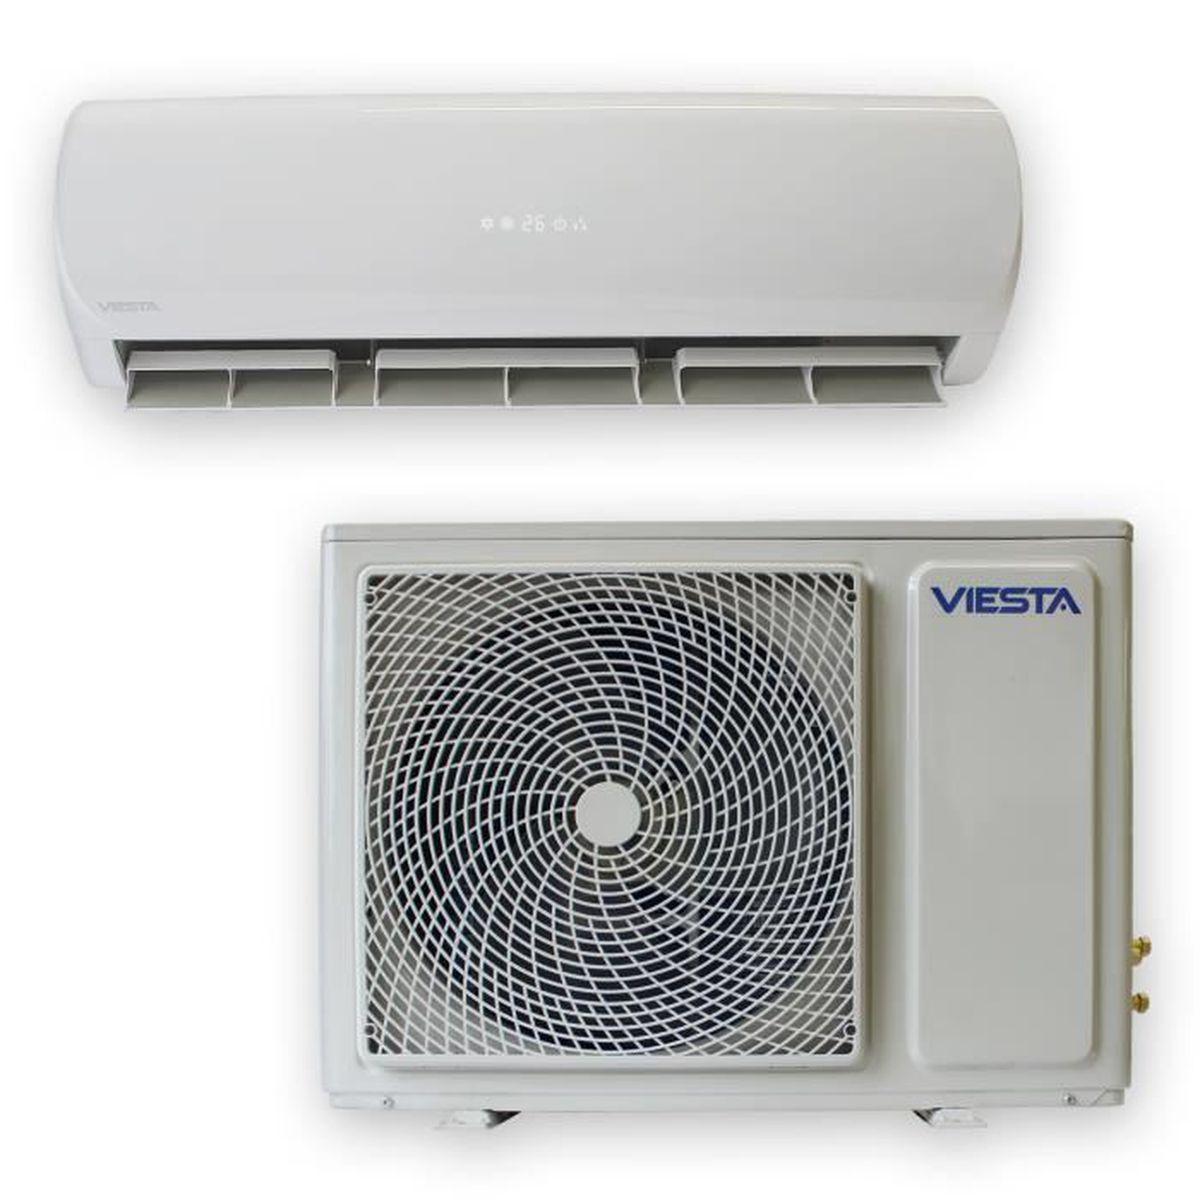 economie d 39 nergie viesta climatisation de split 12000 btu pour le refroidissement le. Black Bedroom Furniture Sets. Home Design Ideas